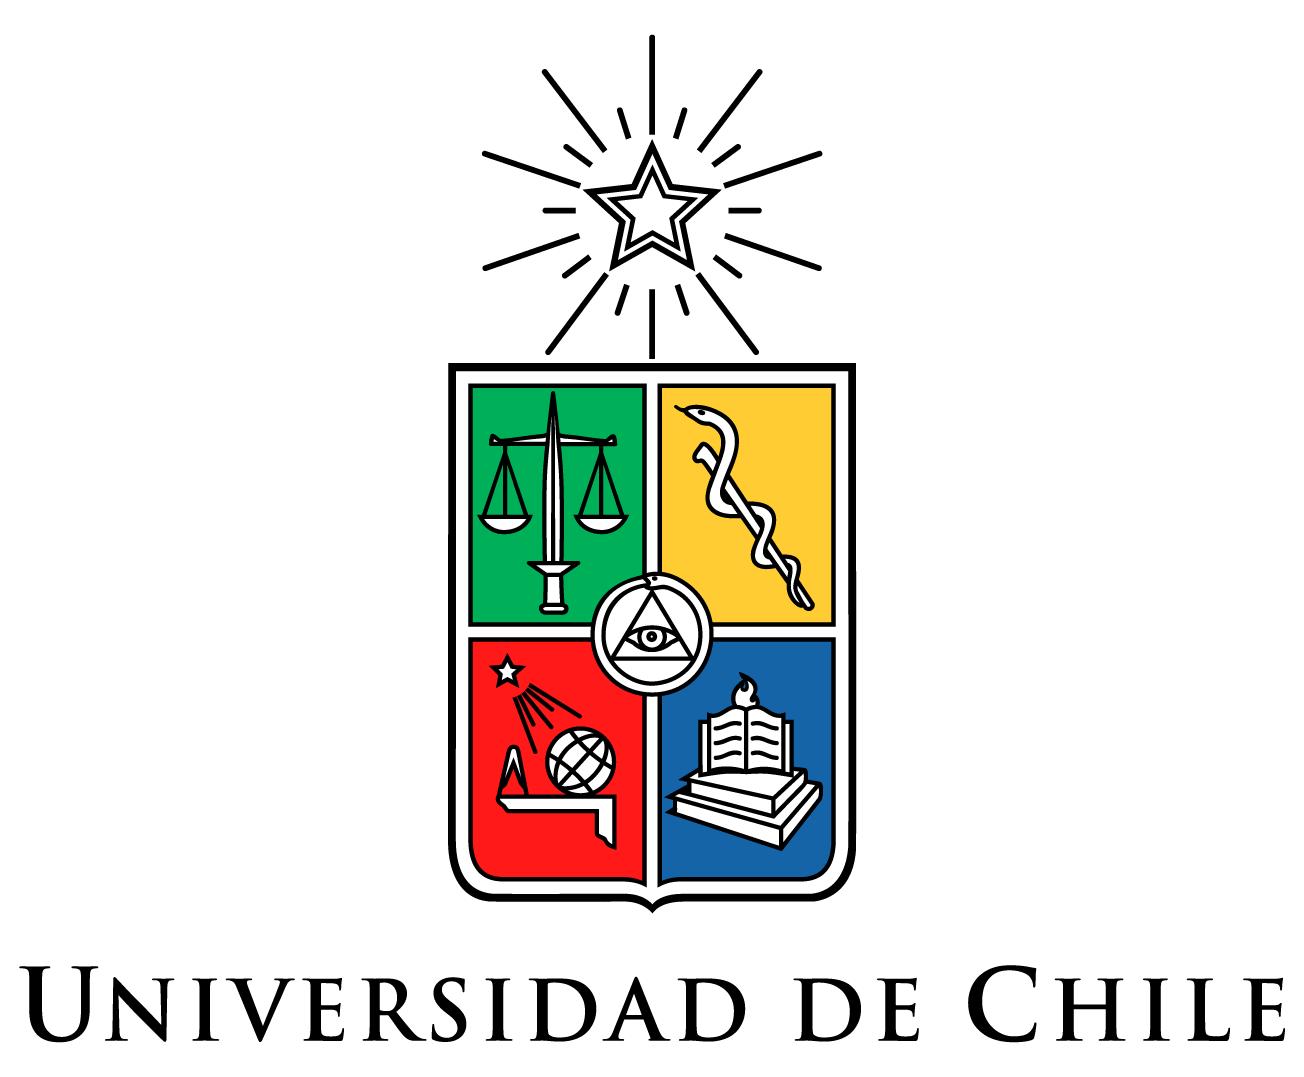 uabierta universidad-de-chile-color-11